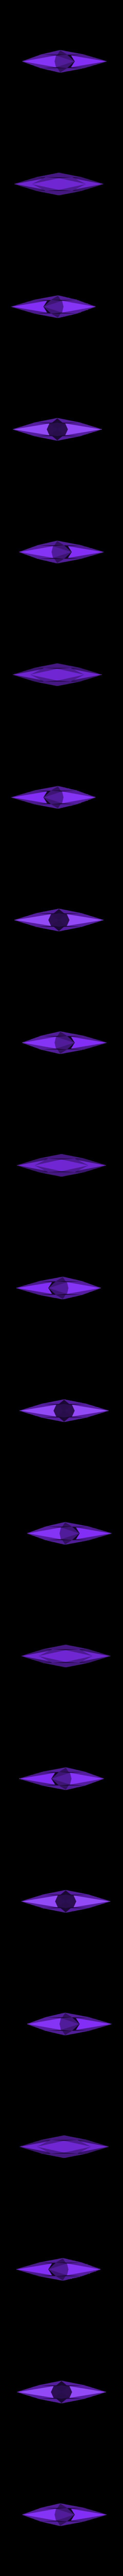 FacetedStar-Solid.stl Télécharger fichier STL gratuit Décorations d'étoiles facettées • Design pour impression 3D, tone001